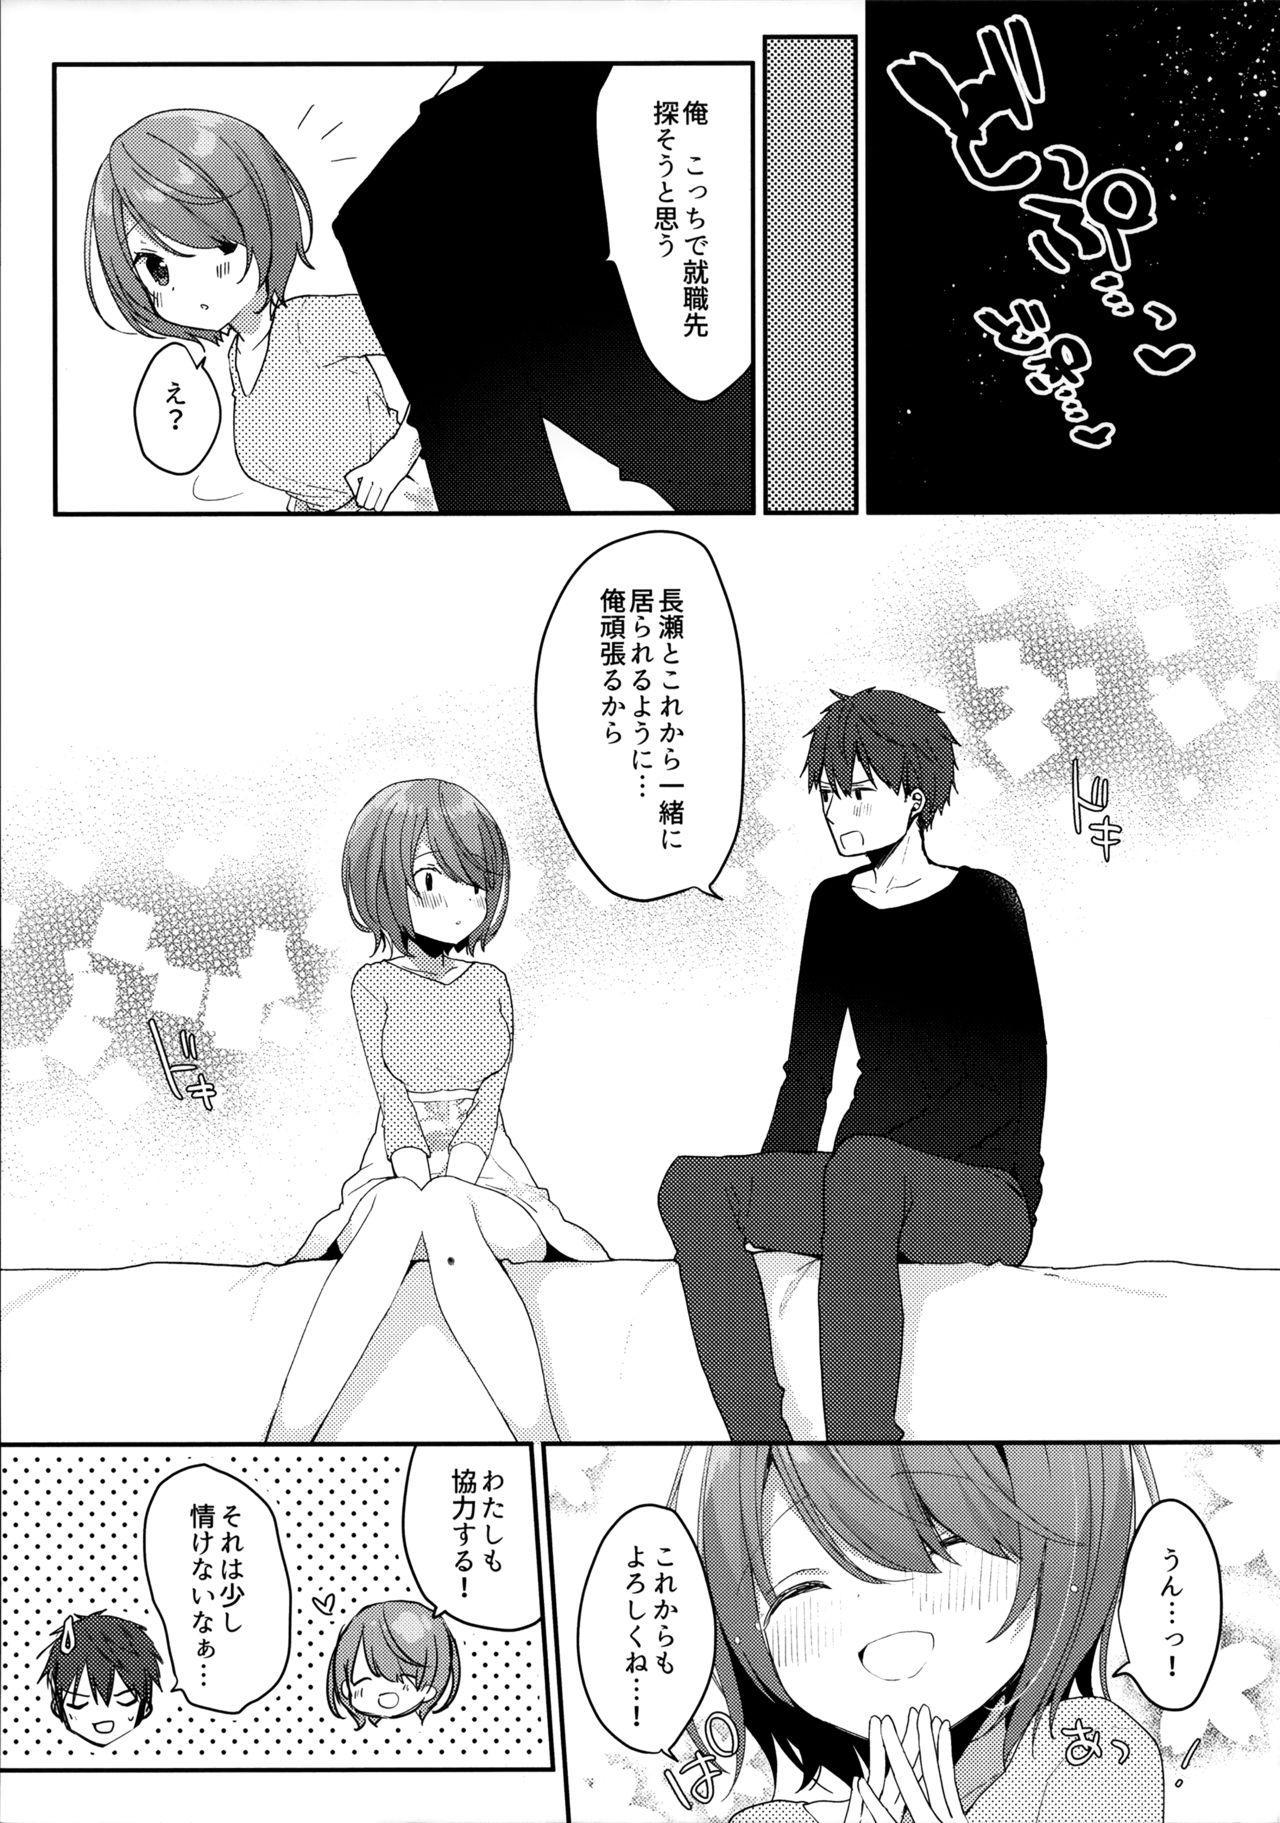 Otonashikatta Motokano ga Ecchi ni Sekkyokutekisugiru. 21